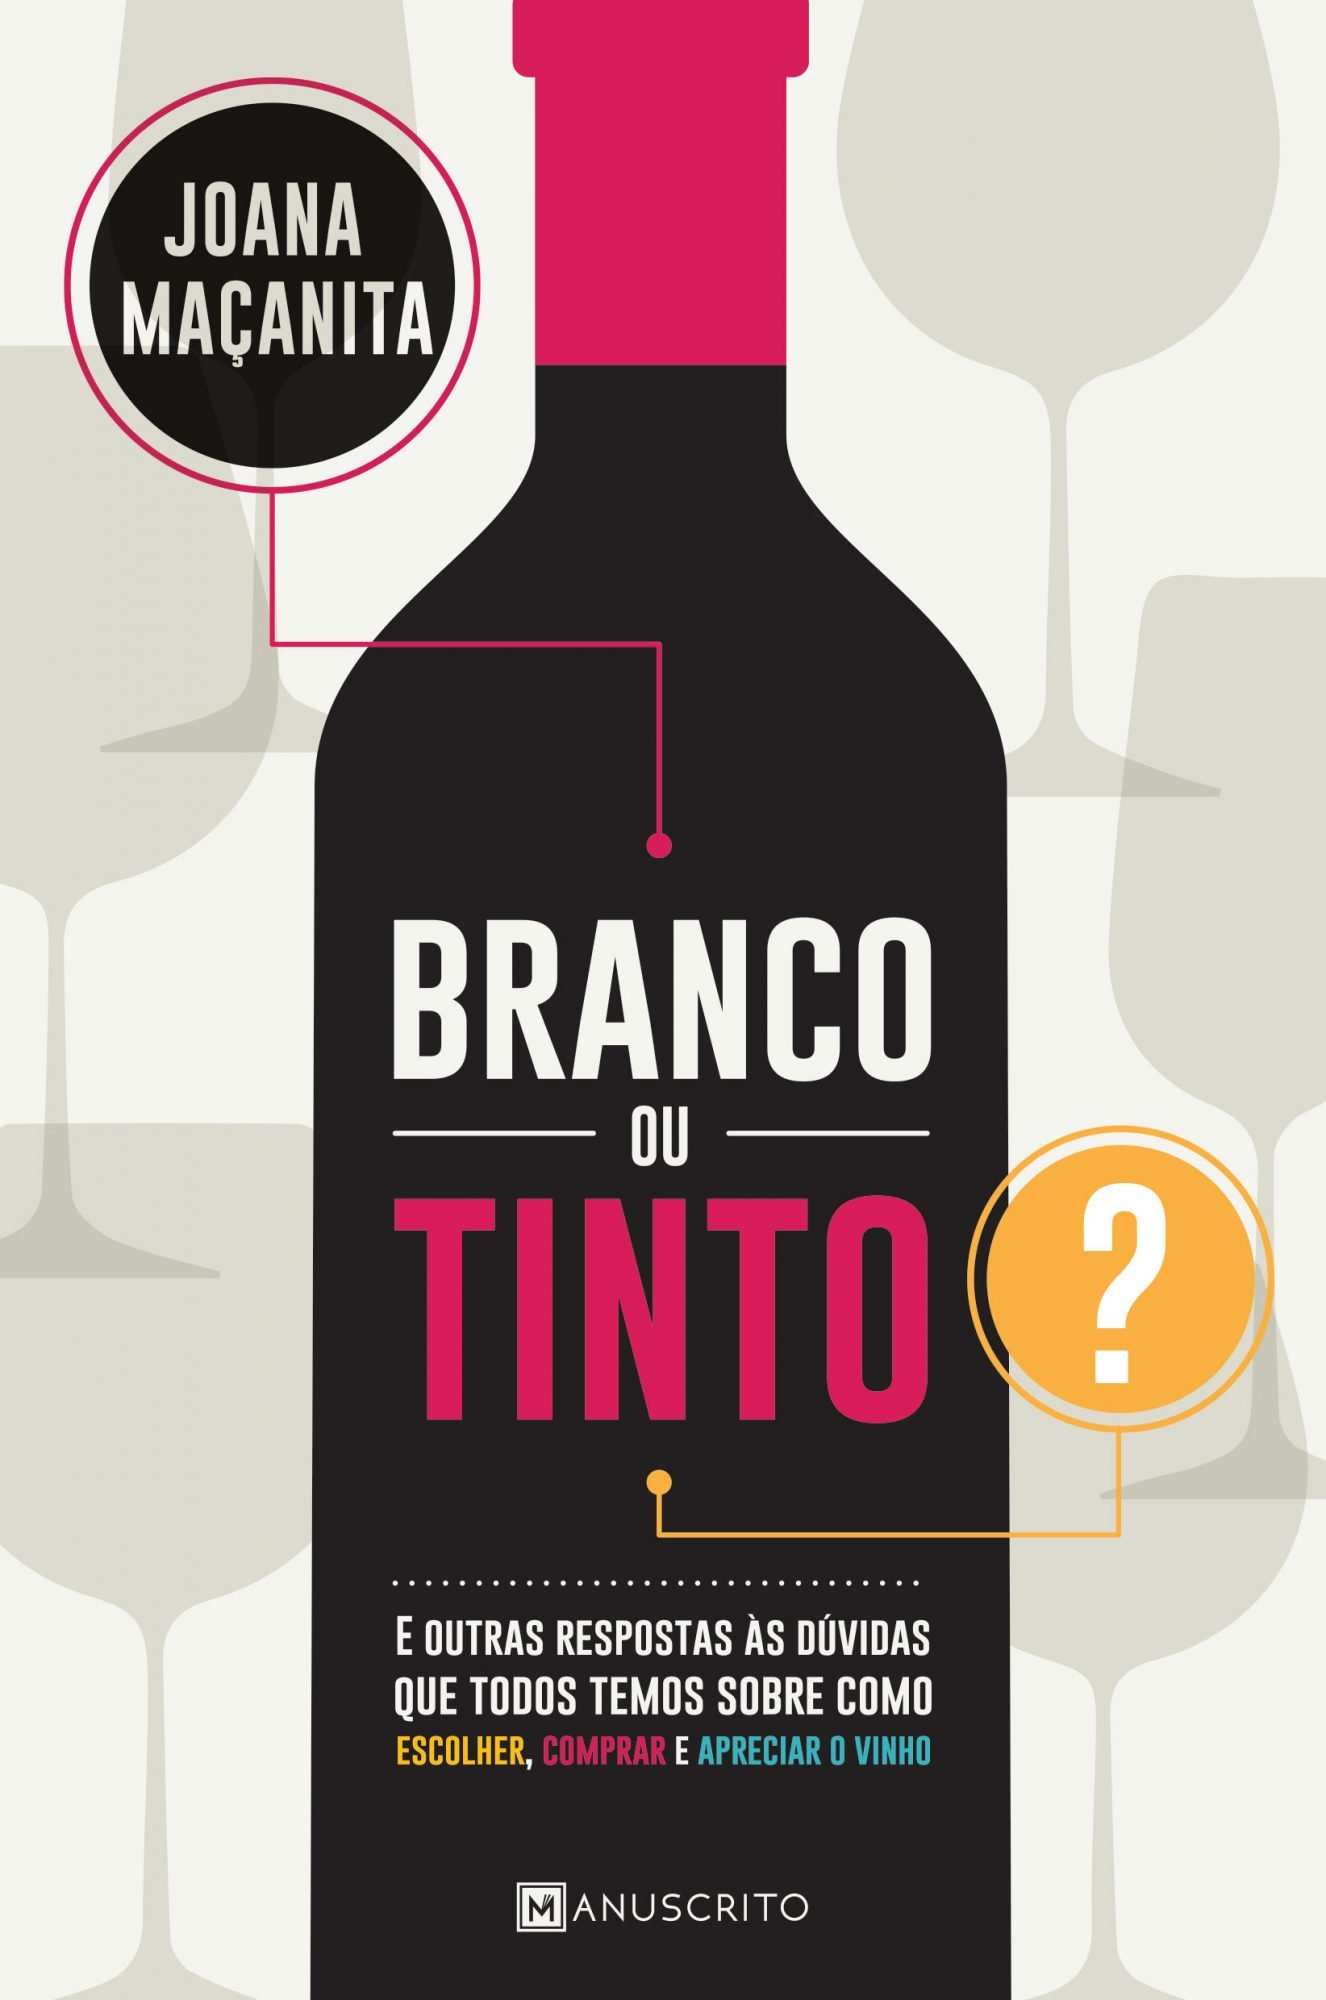 Branco_ou_Tinto_MAIL